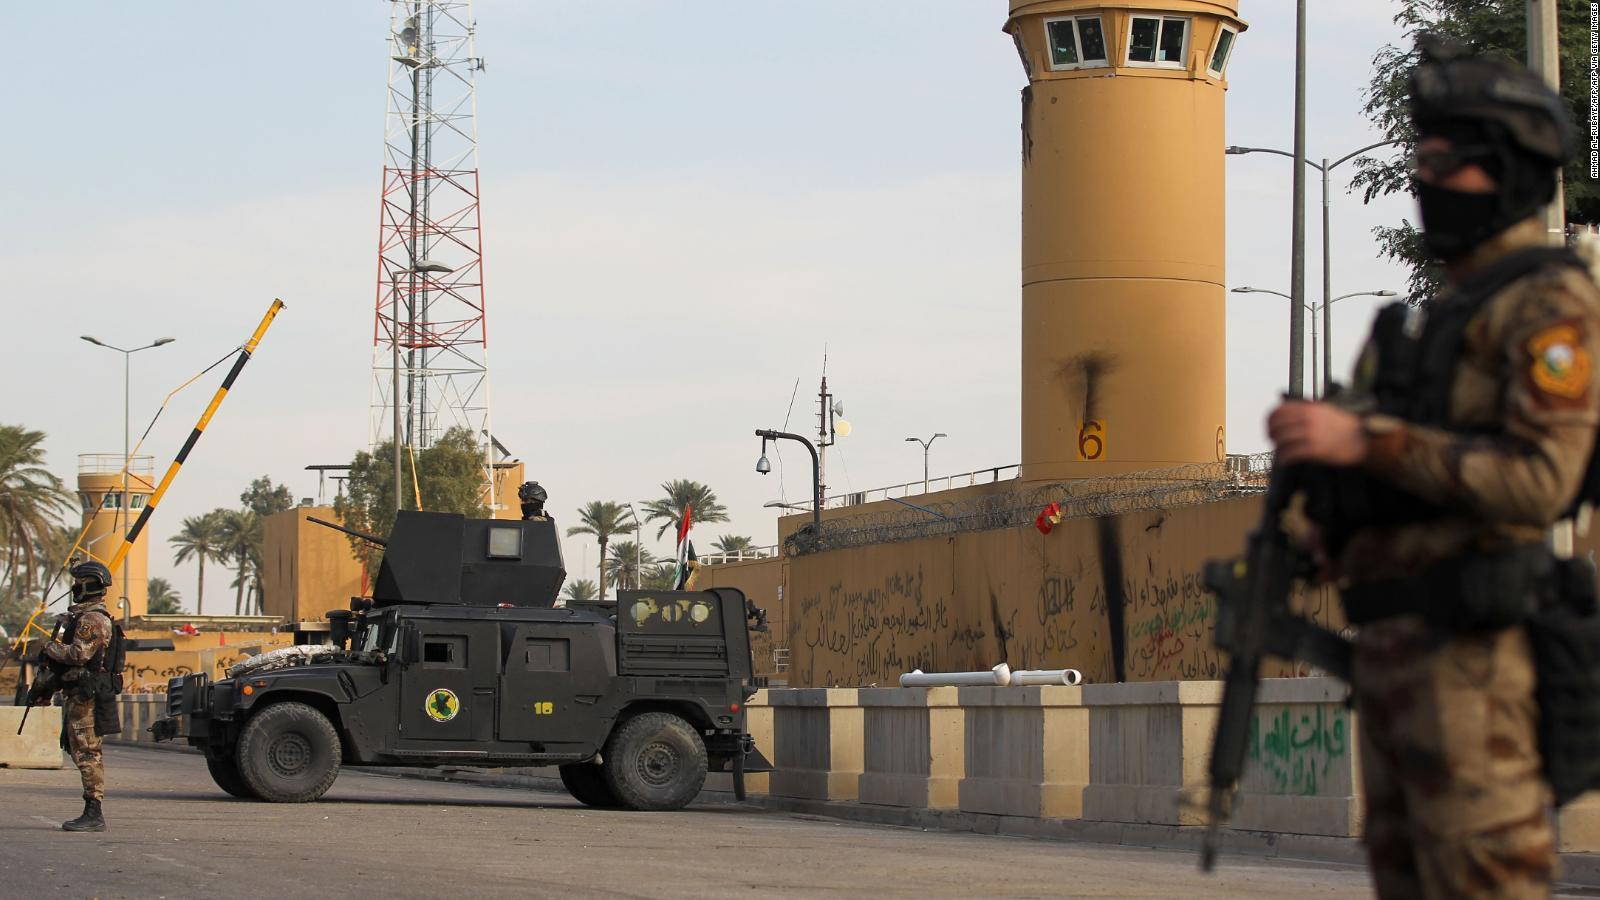 Severos daños a embajada de EE. UU. en Bagdad por milicias proiraníes | Video | CNN